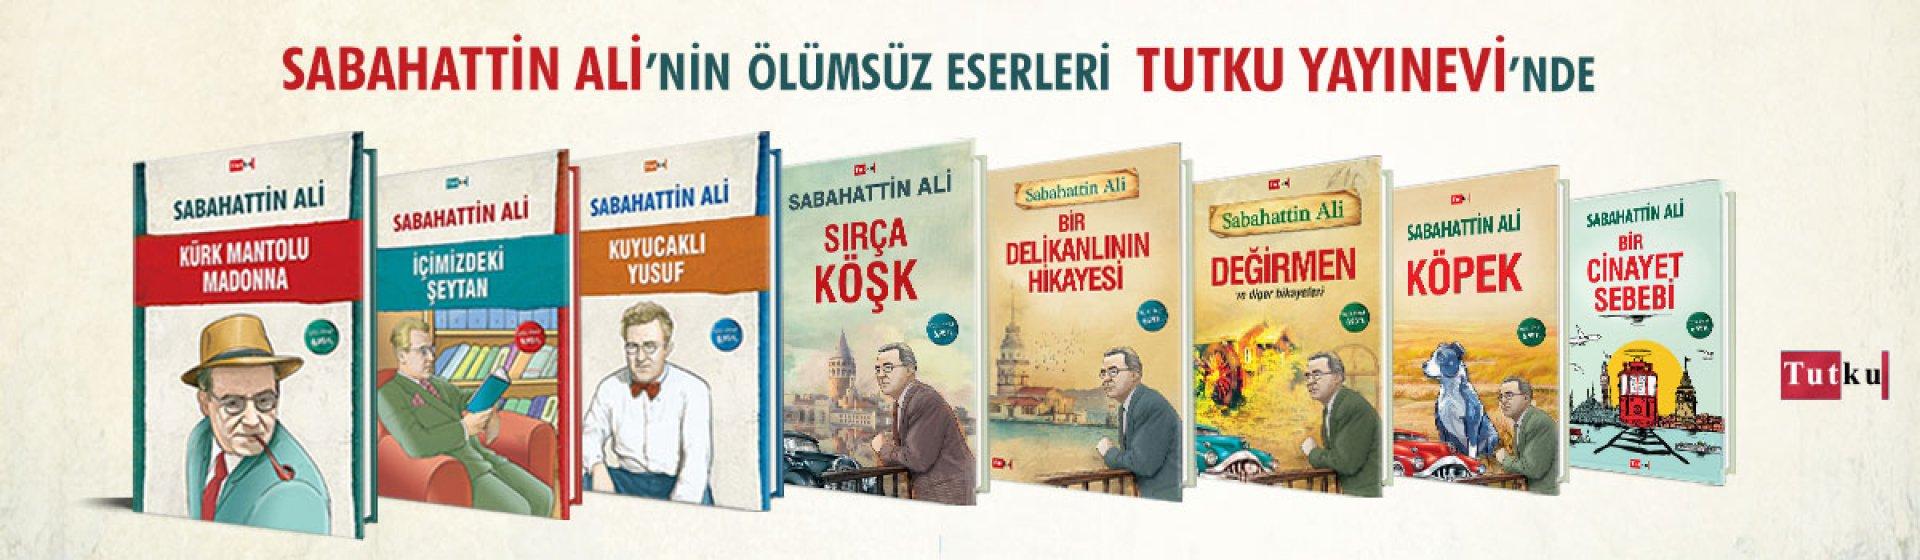 Sabahattin Ali Banner